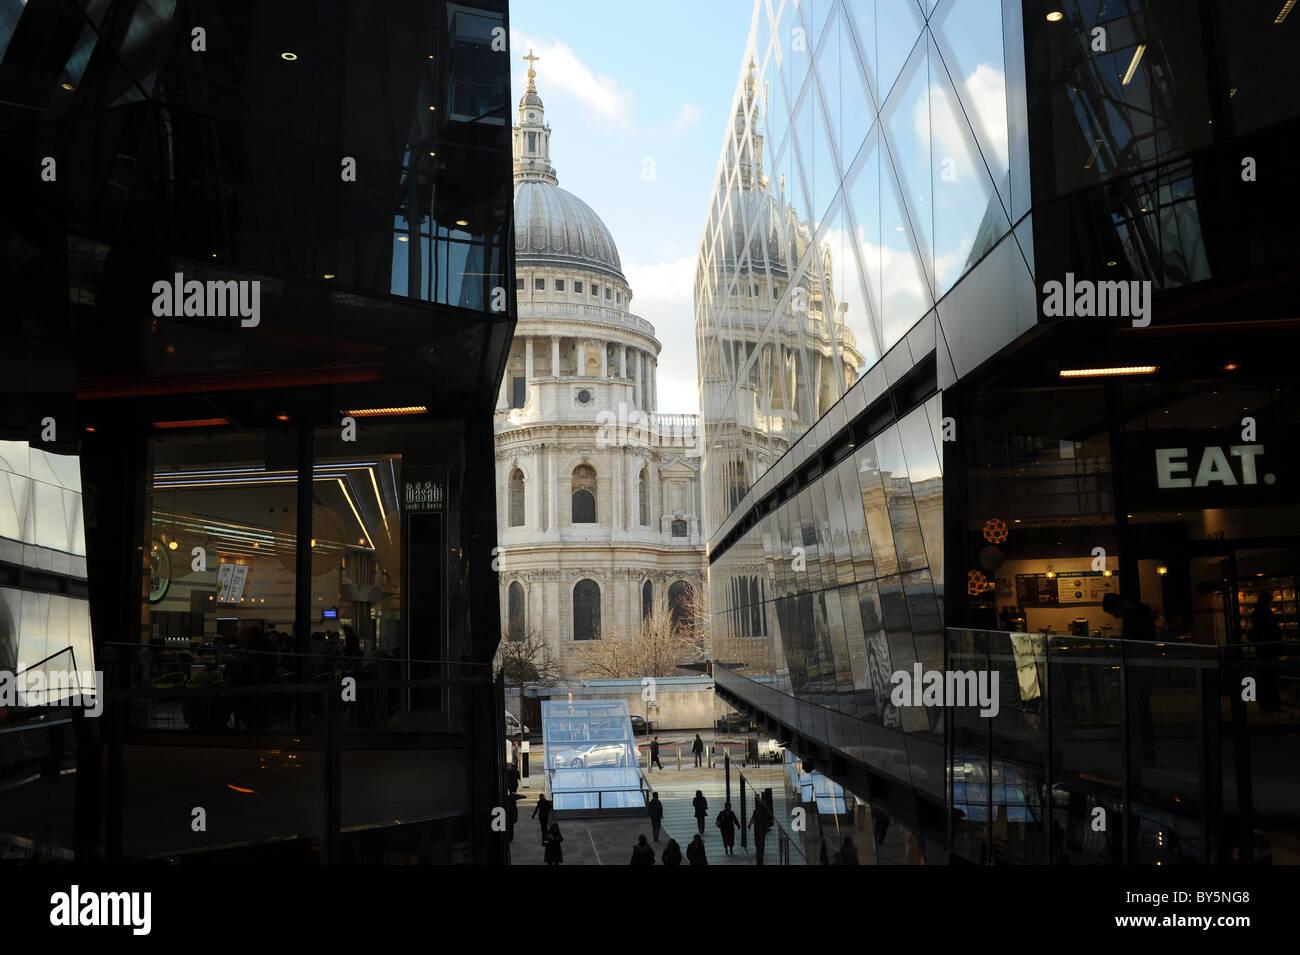 Eine neue Änderung Shopping Centre, London, England Stockfoto